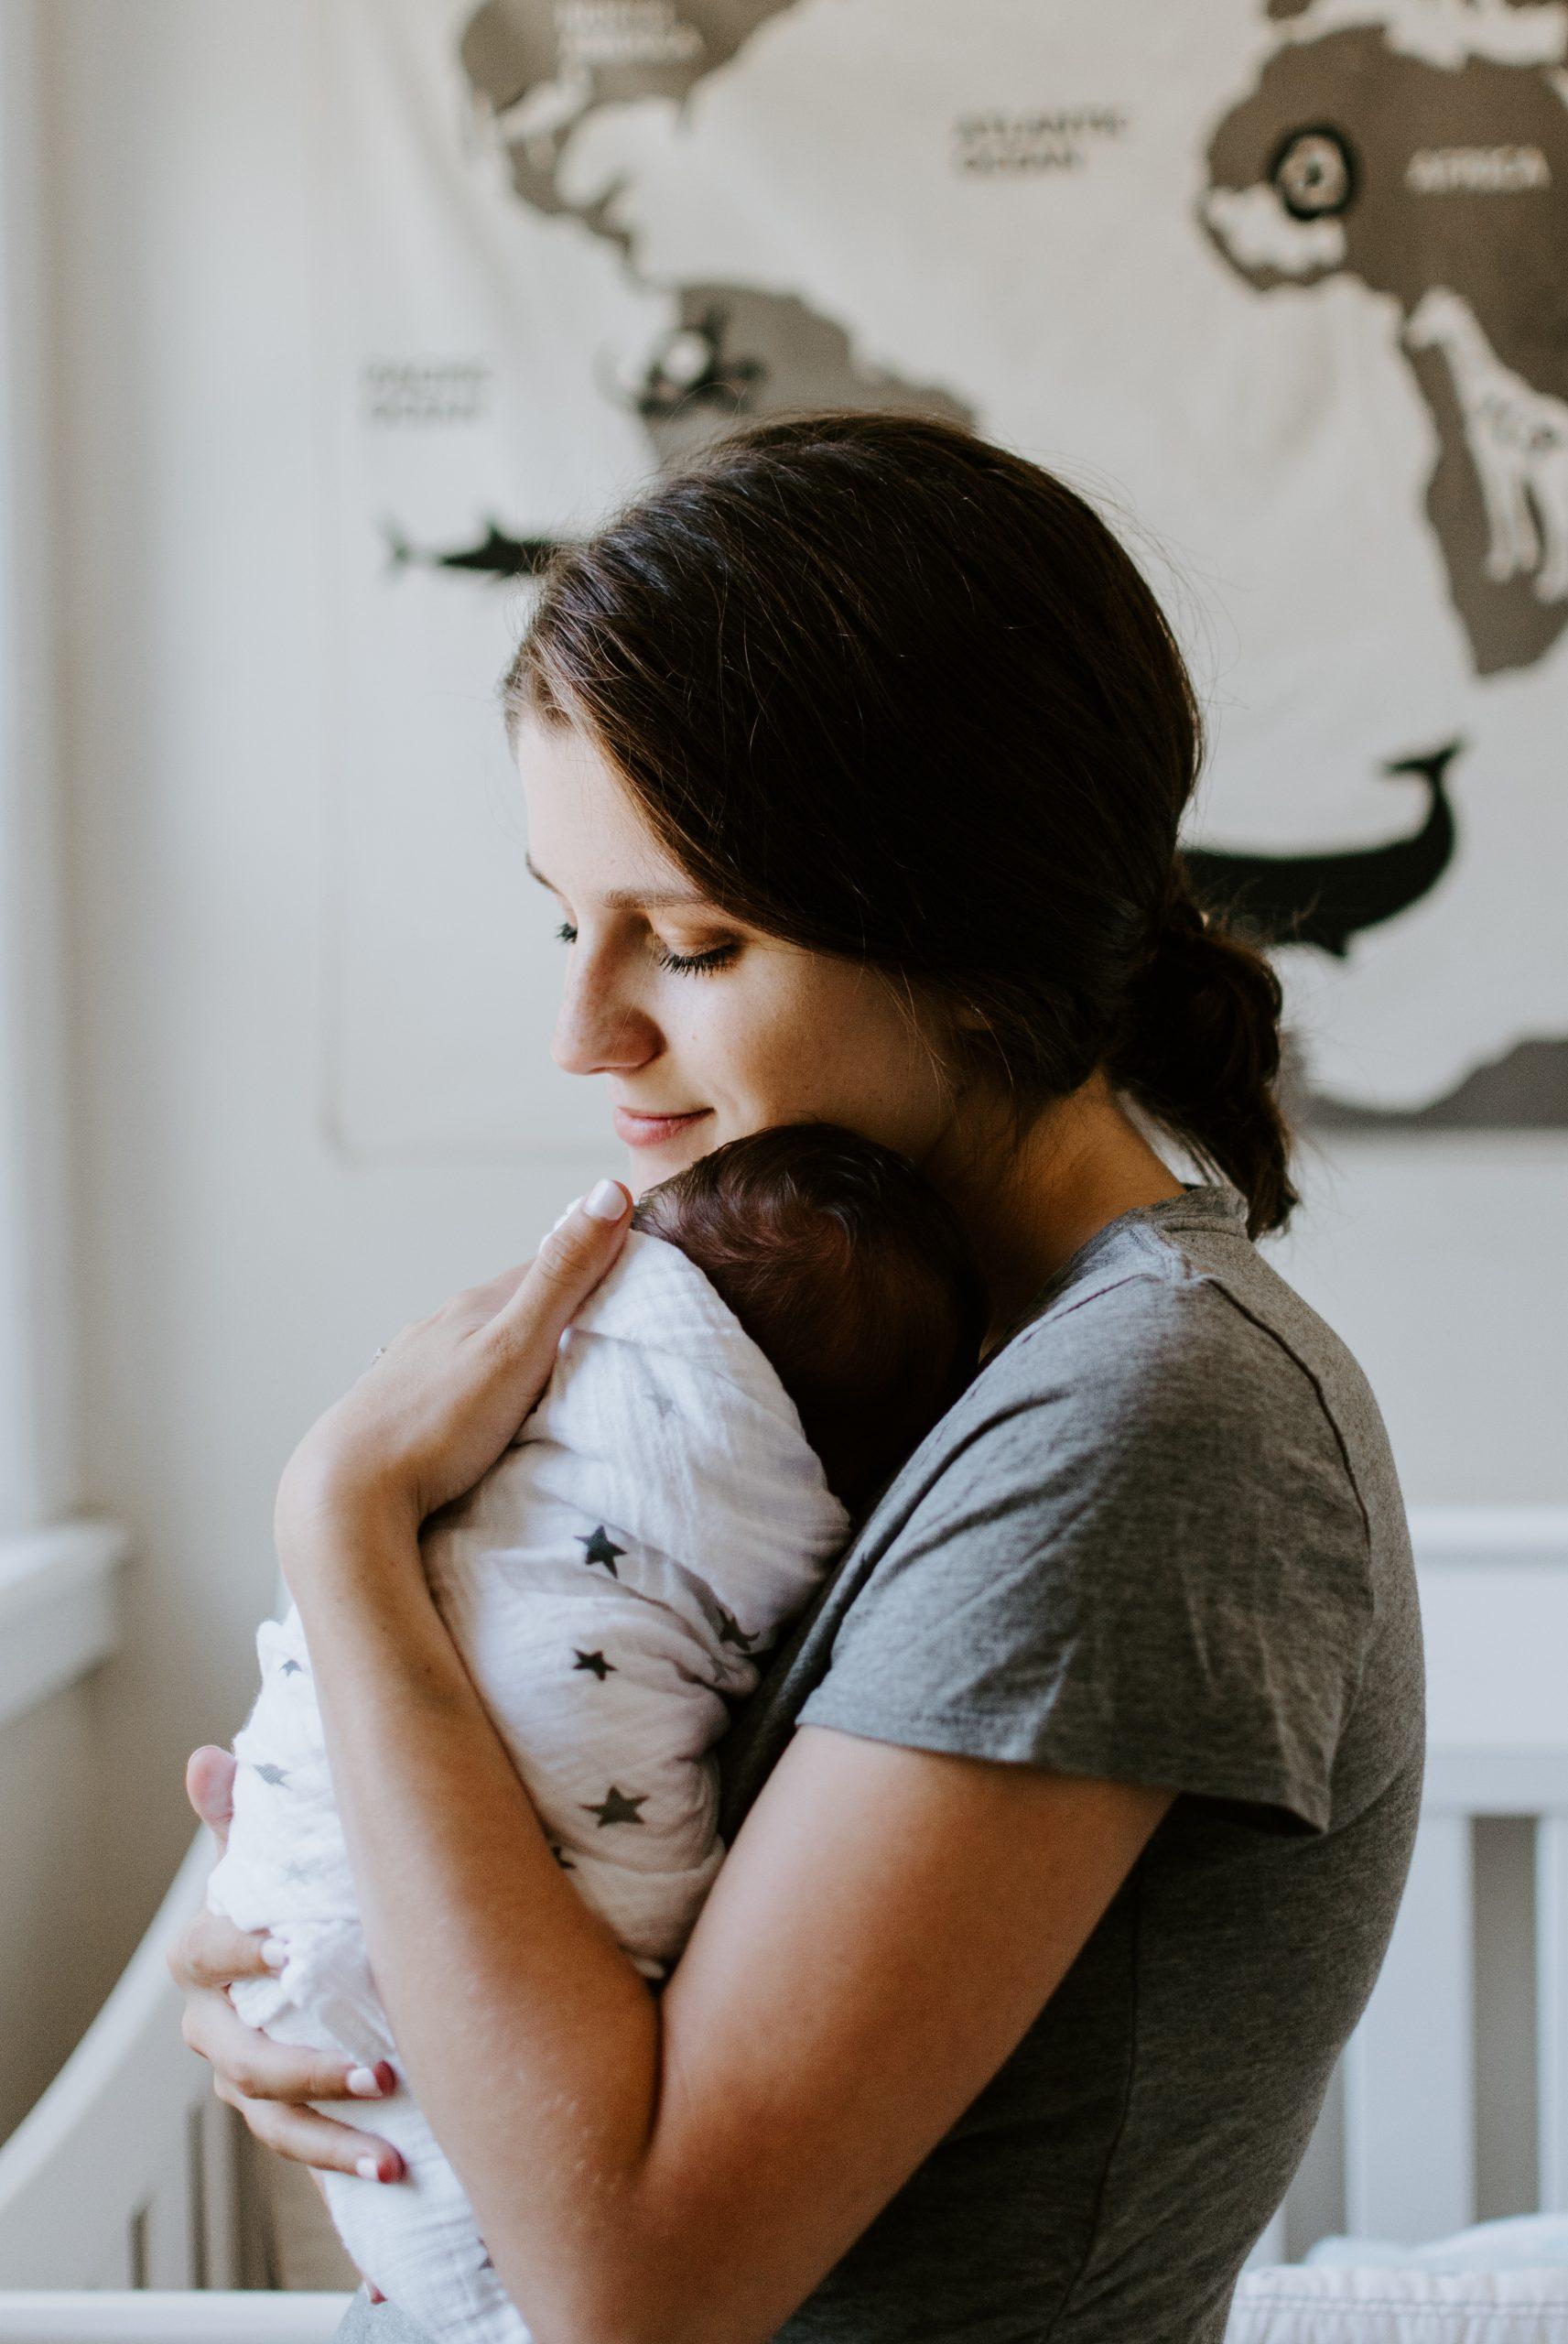 maman avec son bébé dans les bras dans un lange